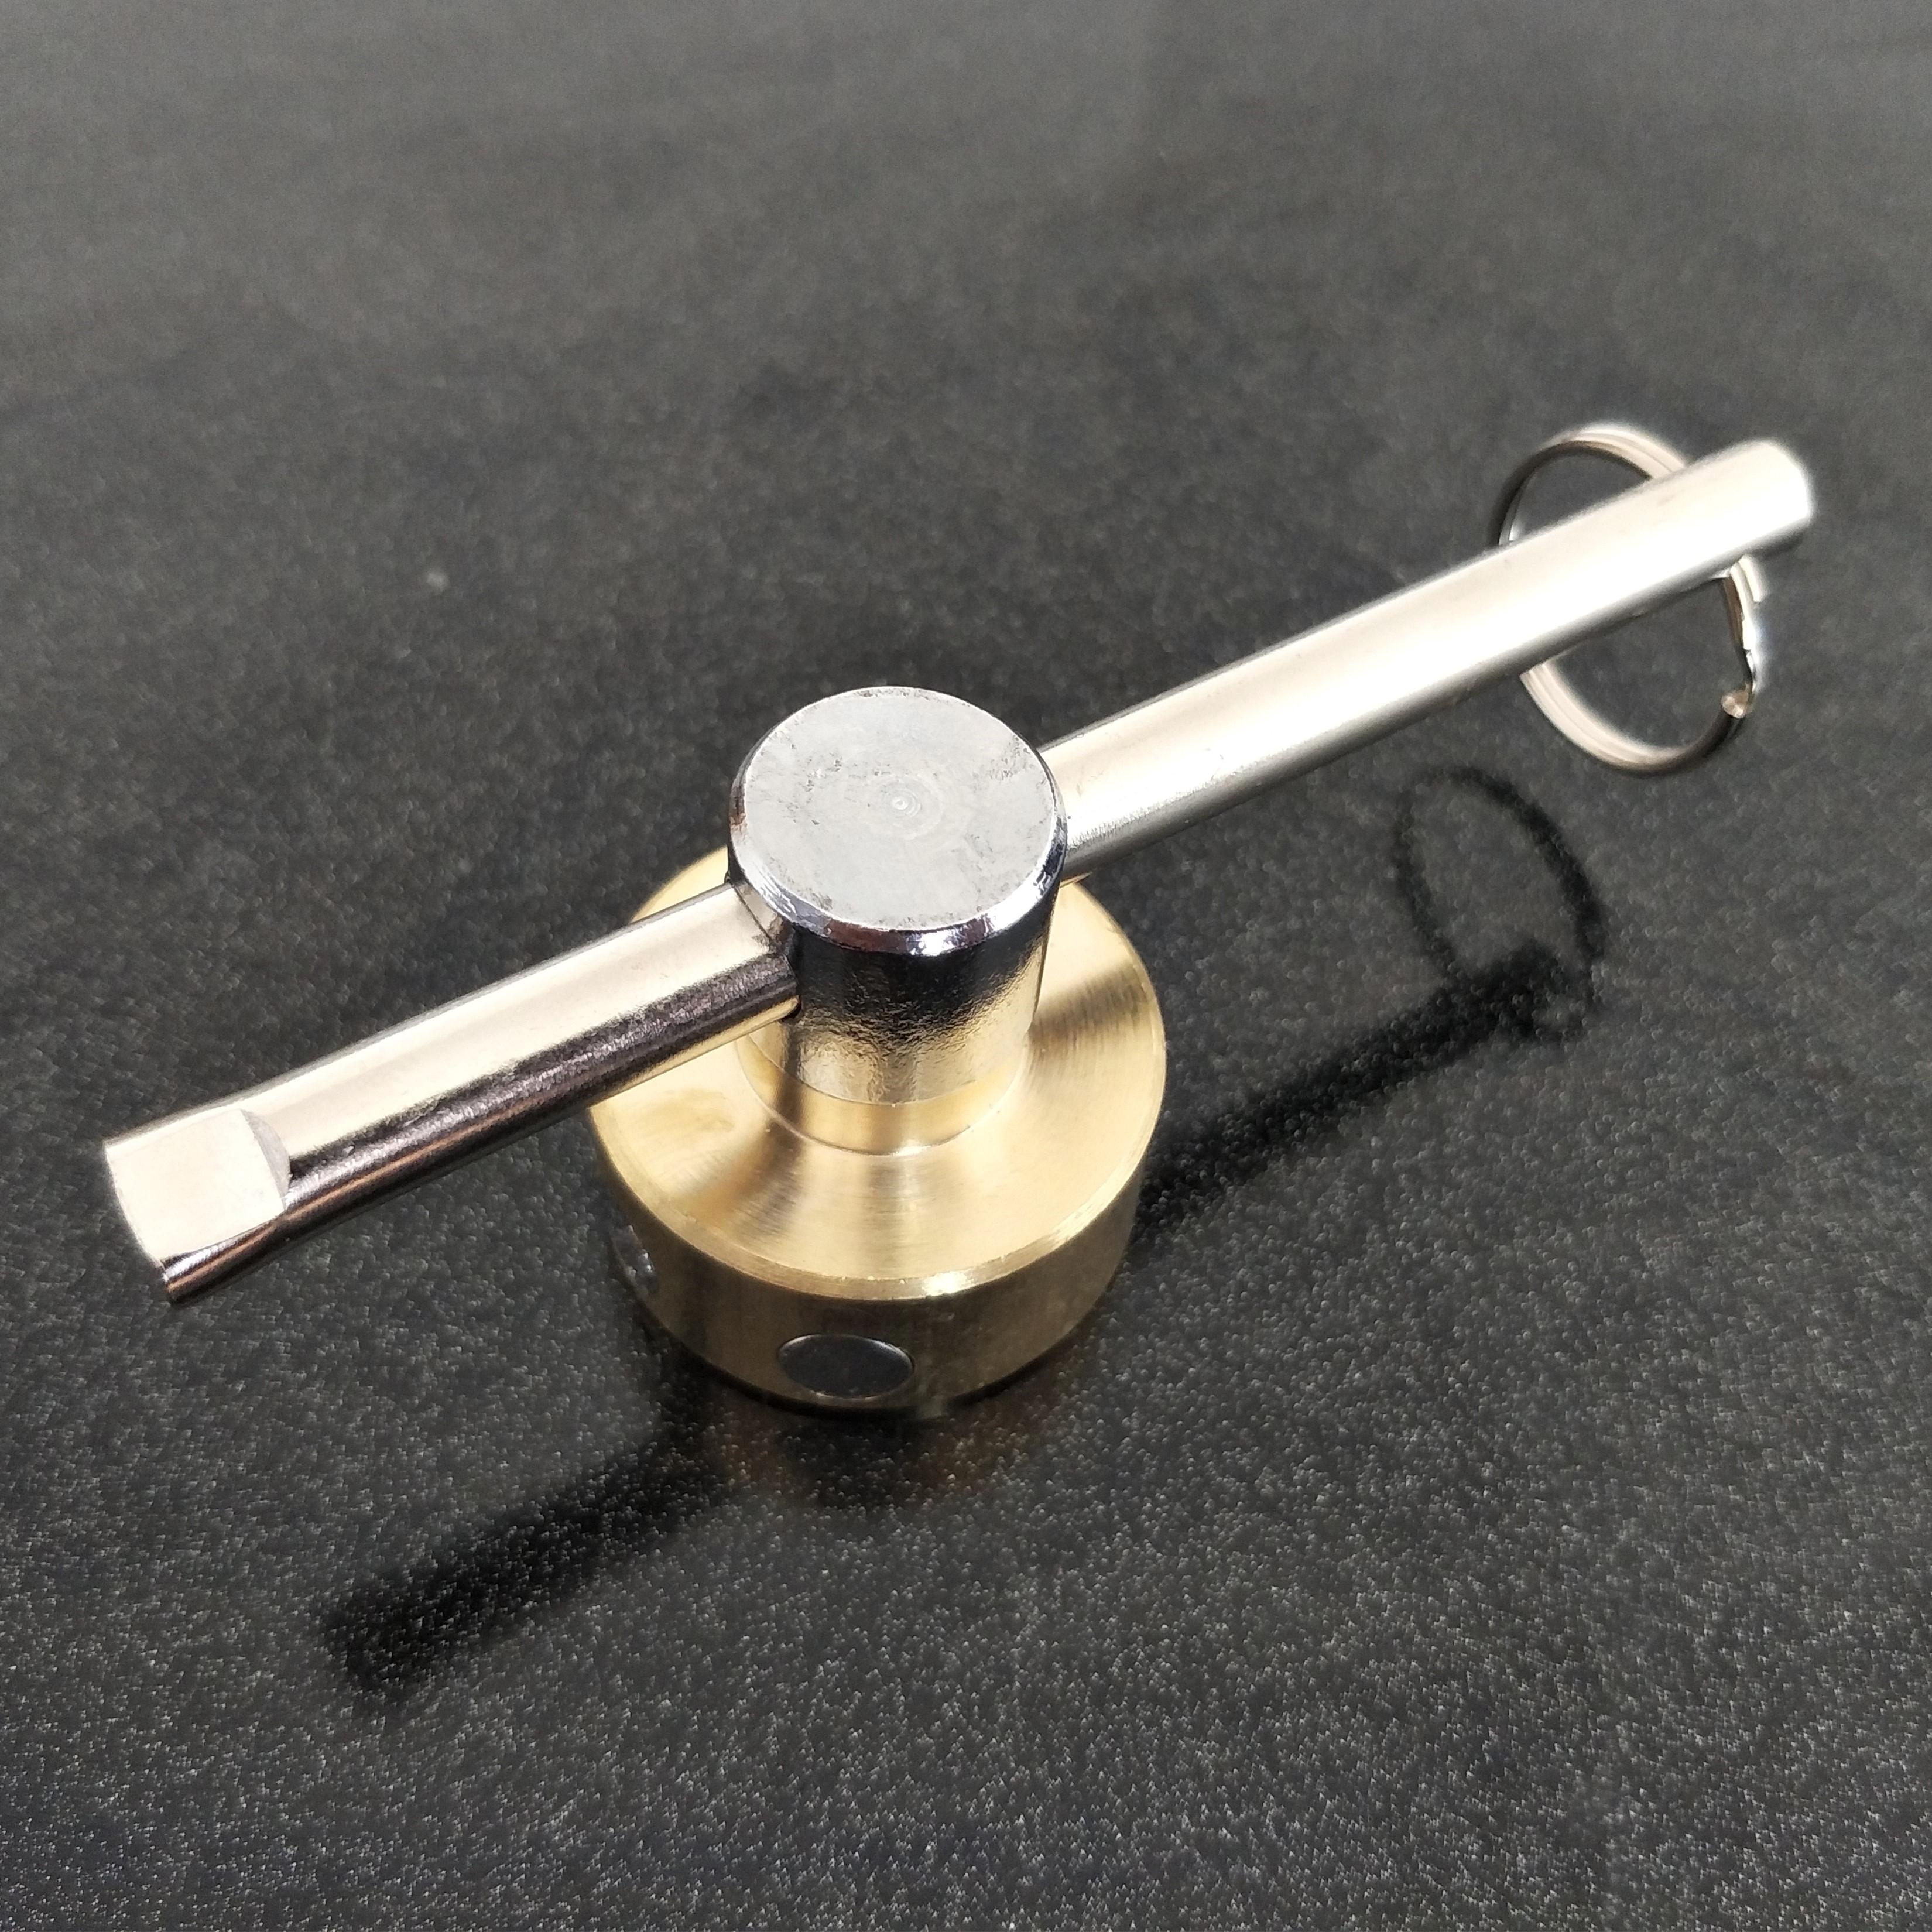 võtmed. - vesi) soojus -, magnet - ventiilid lukustatud ventiili lüliti kraan, kindral